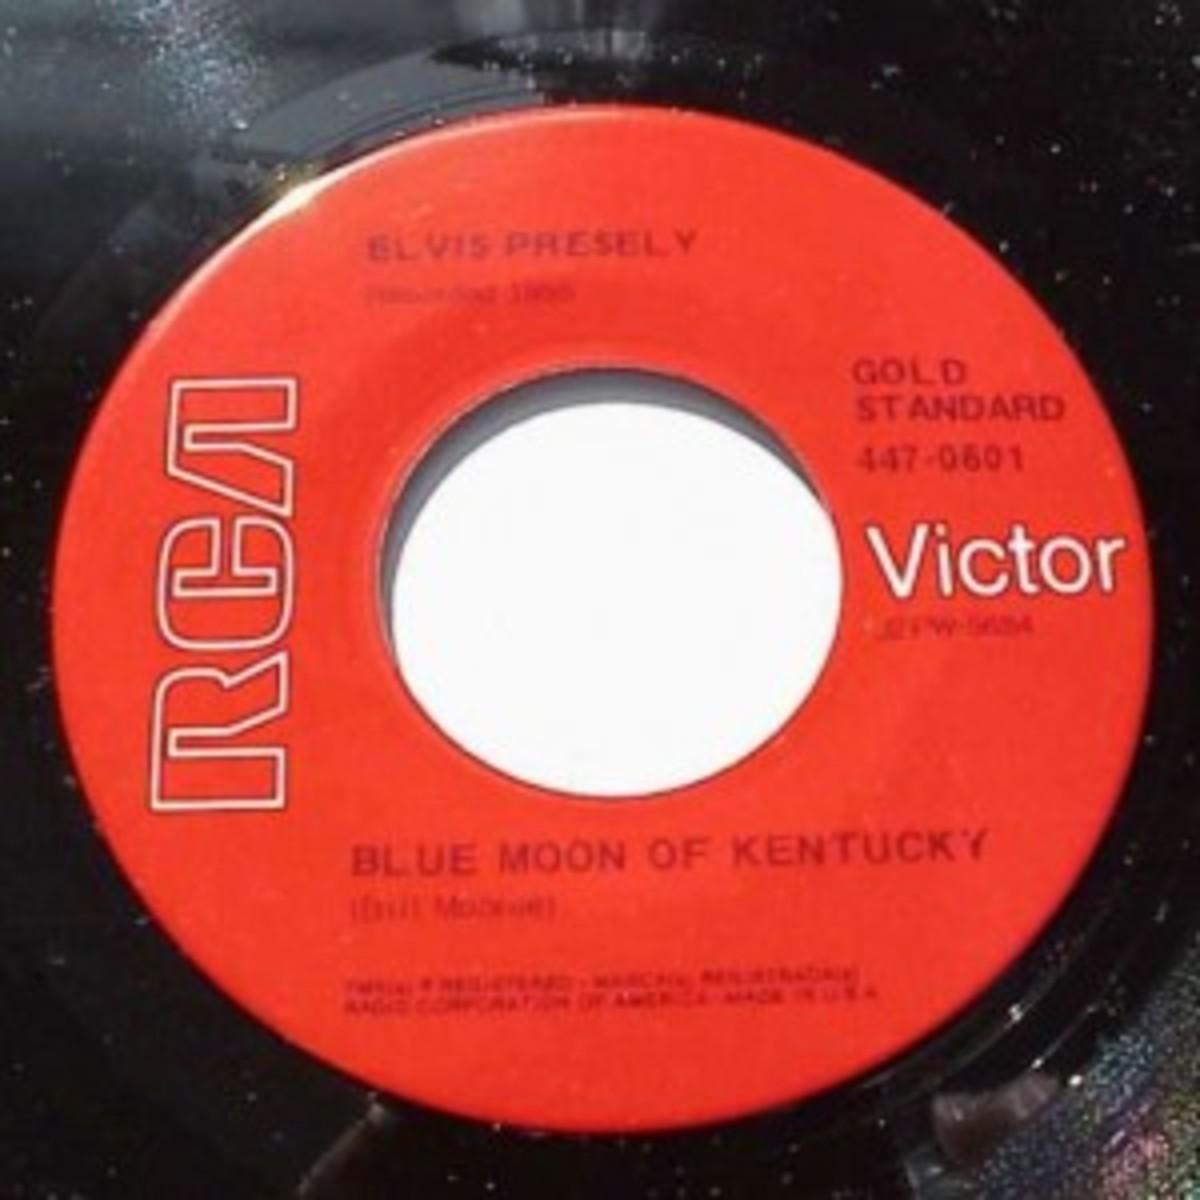 Elvis Preseley on RCA